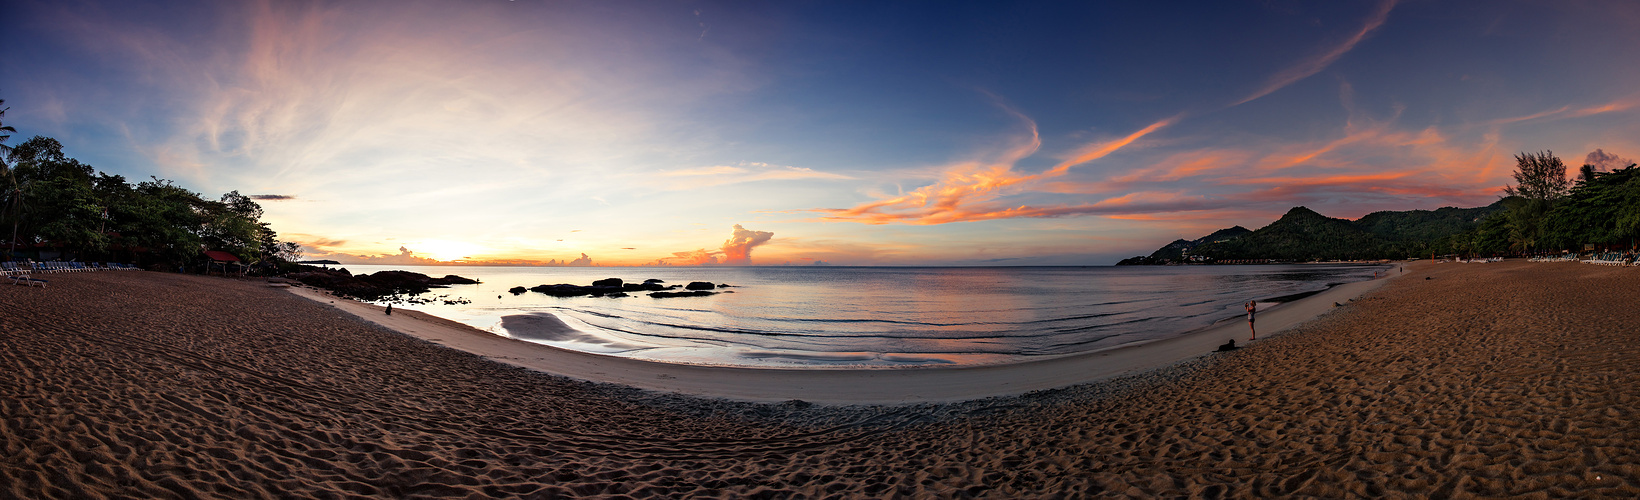 Sunrise Chaweng Beach